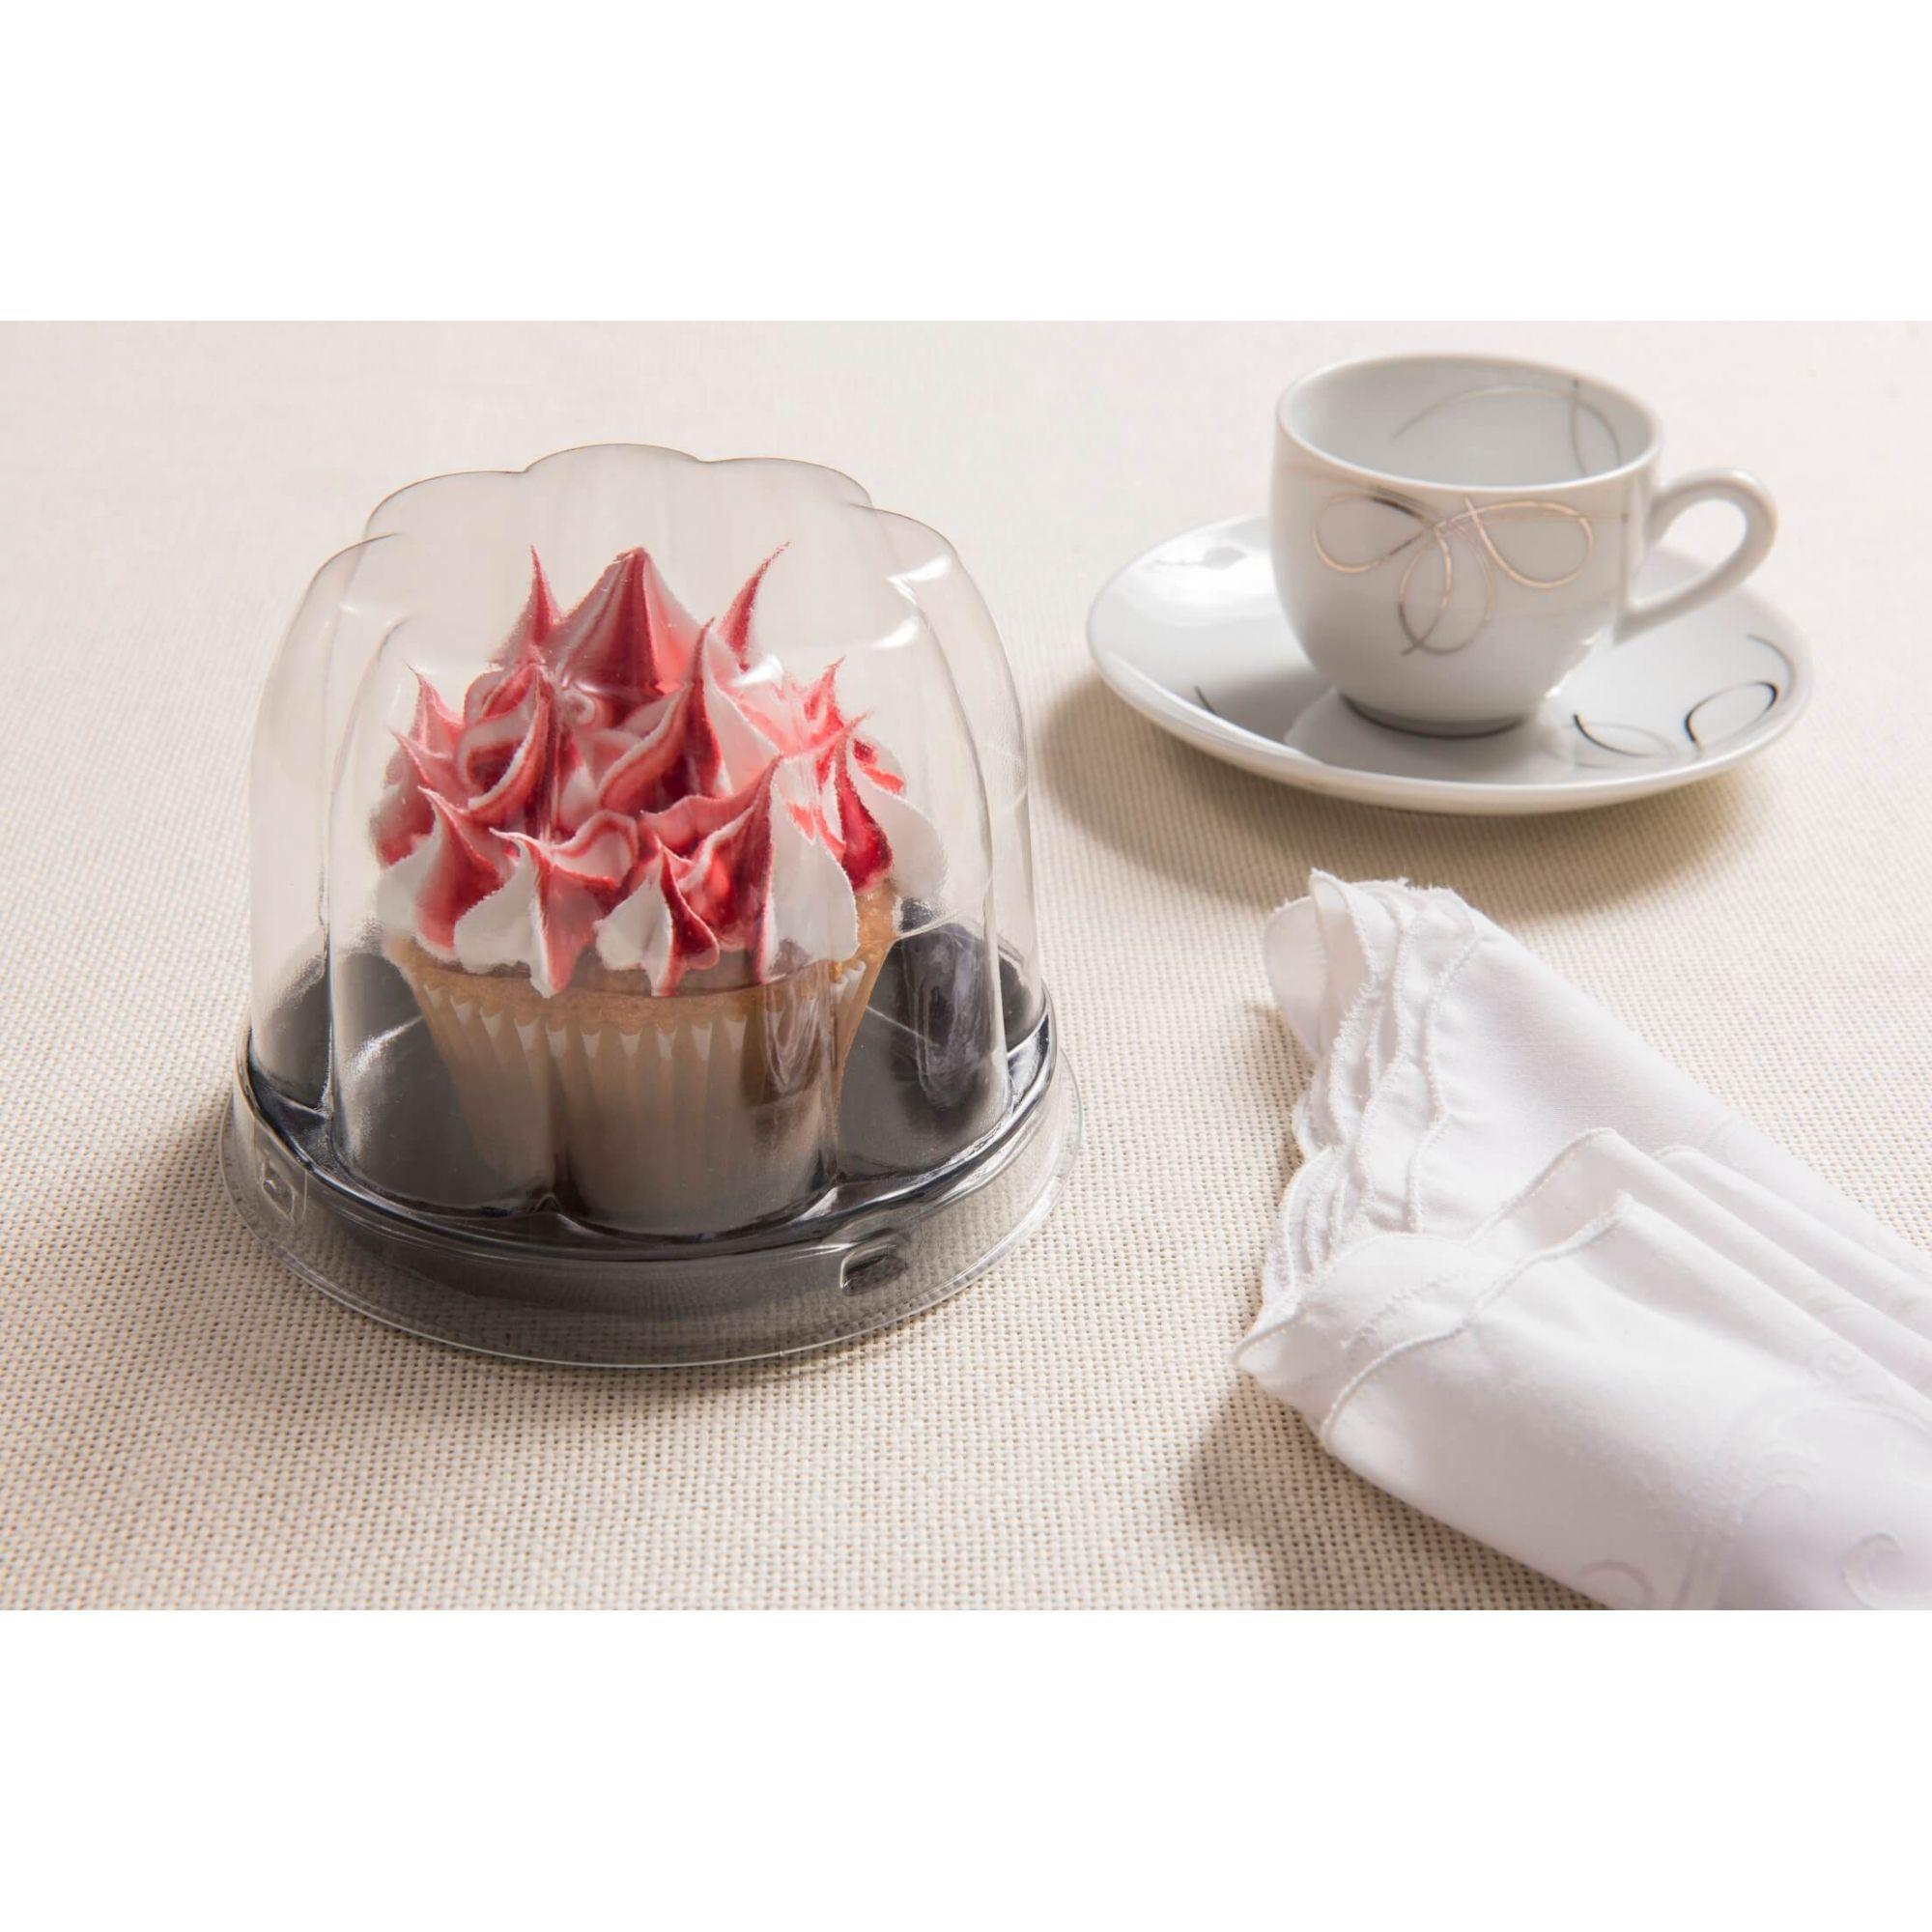 Embalagem para cupcake e minibolo - Galvanotek G 690